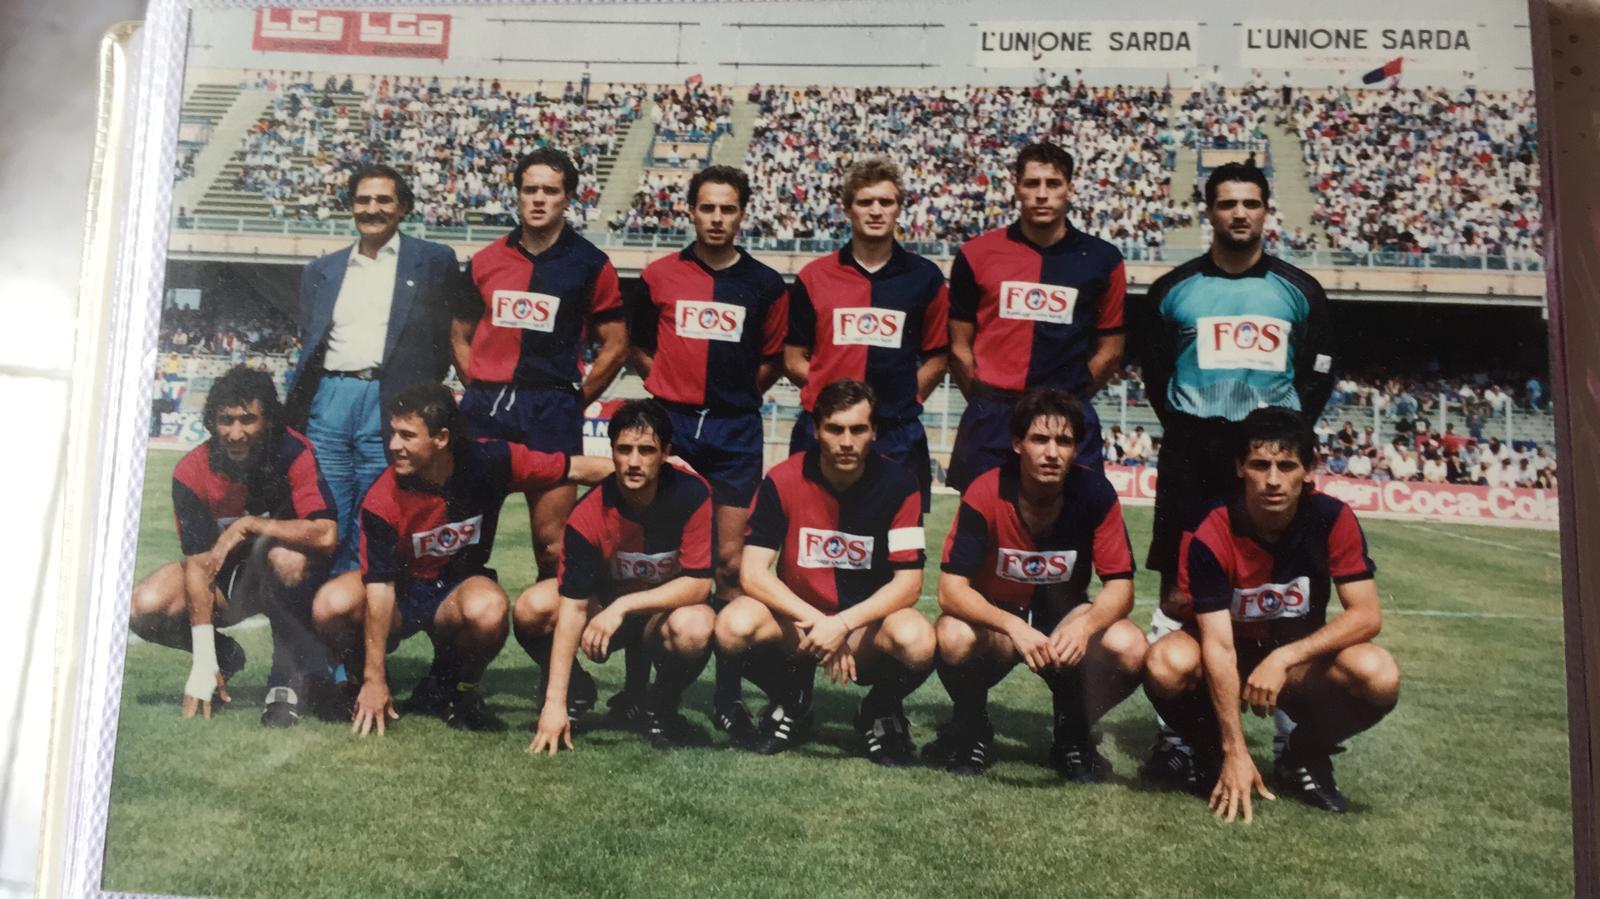 Cagliari 1988 - 1989